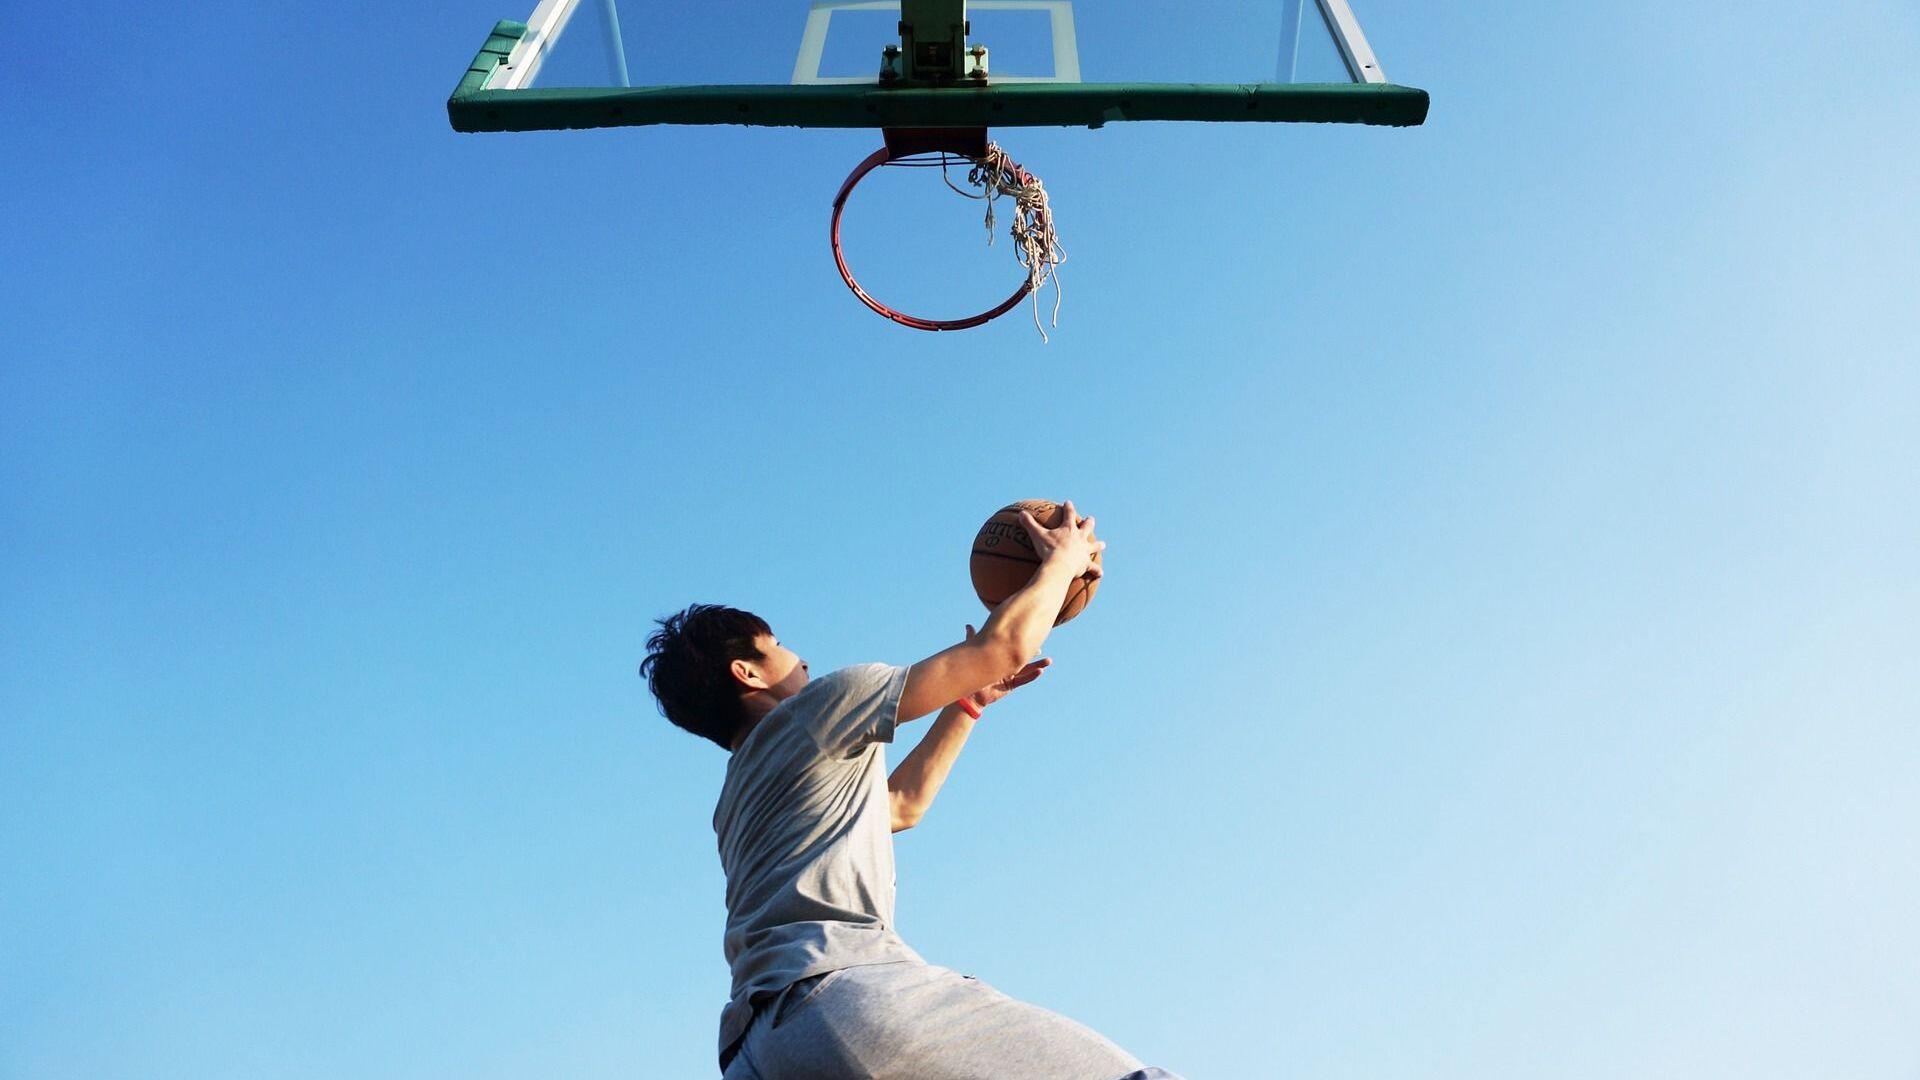 Уличный баскетбол  - Sputnik Таджикистан, 1920, 03.09.2021